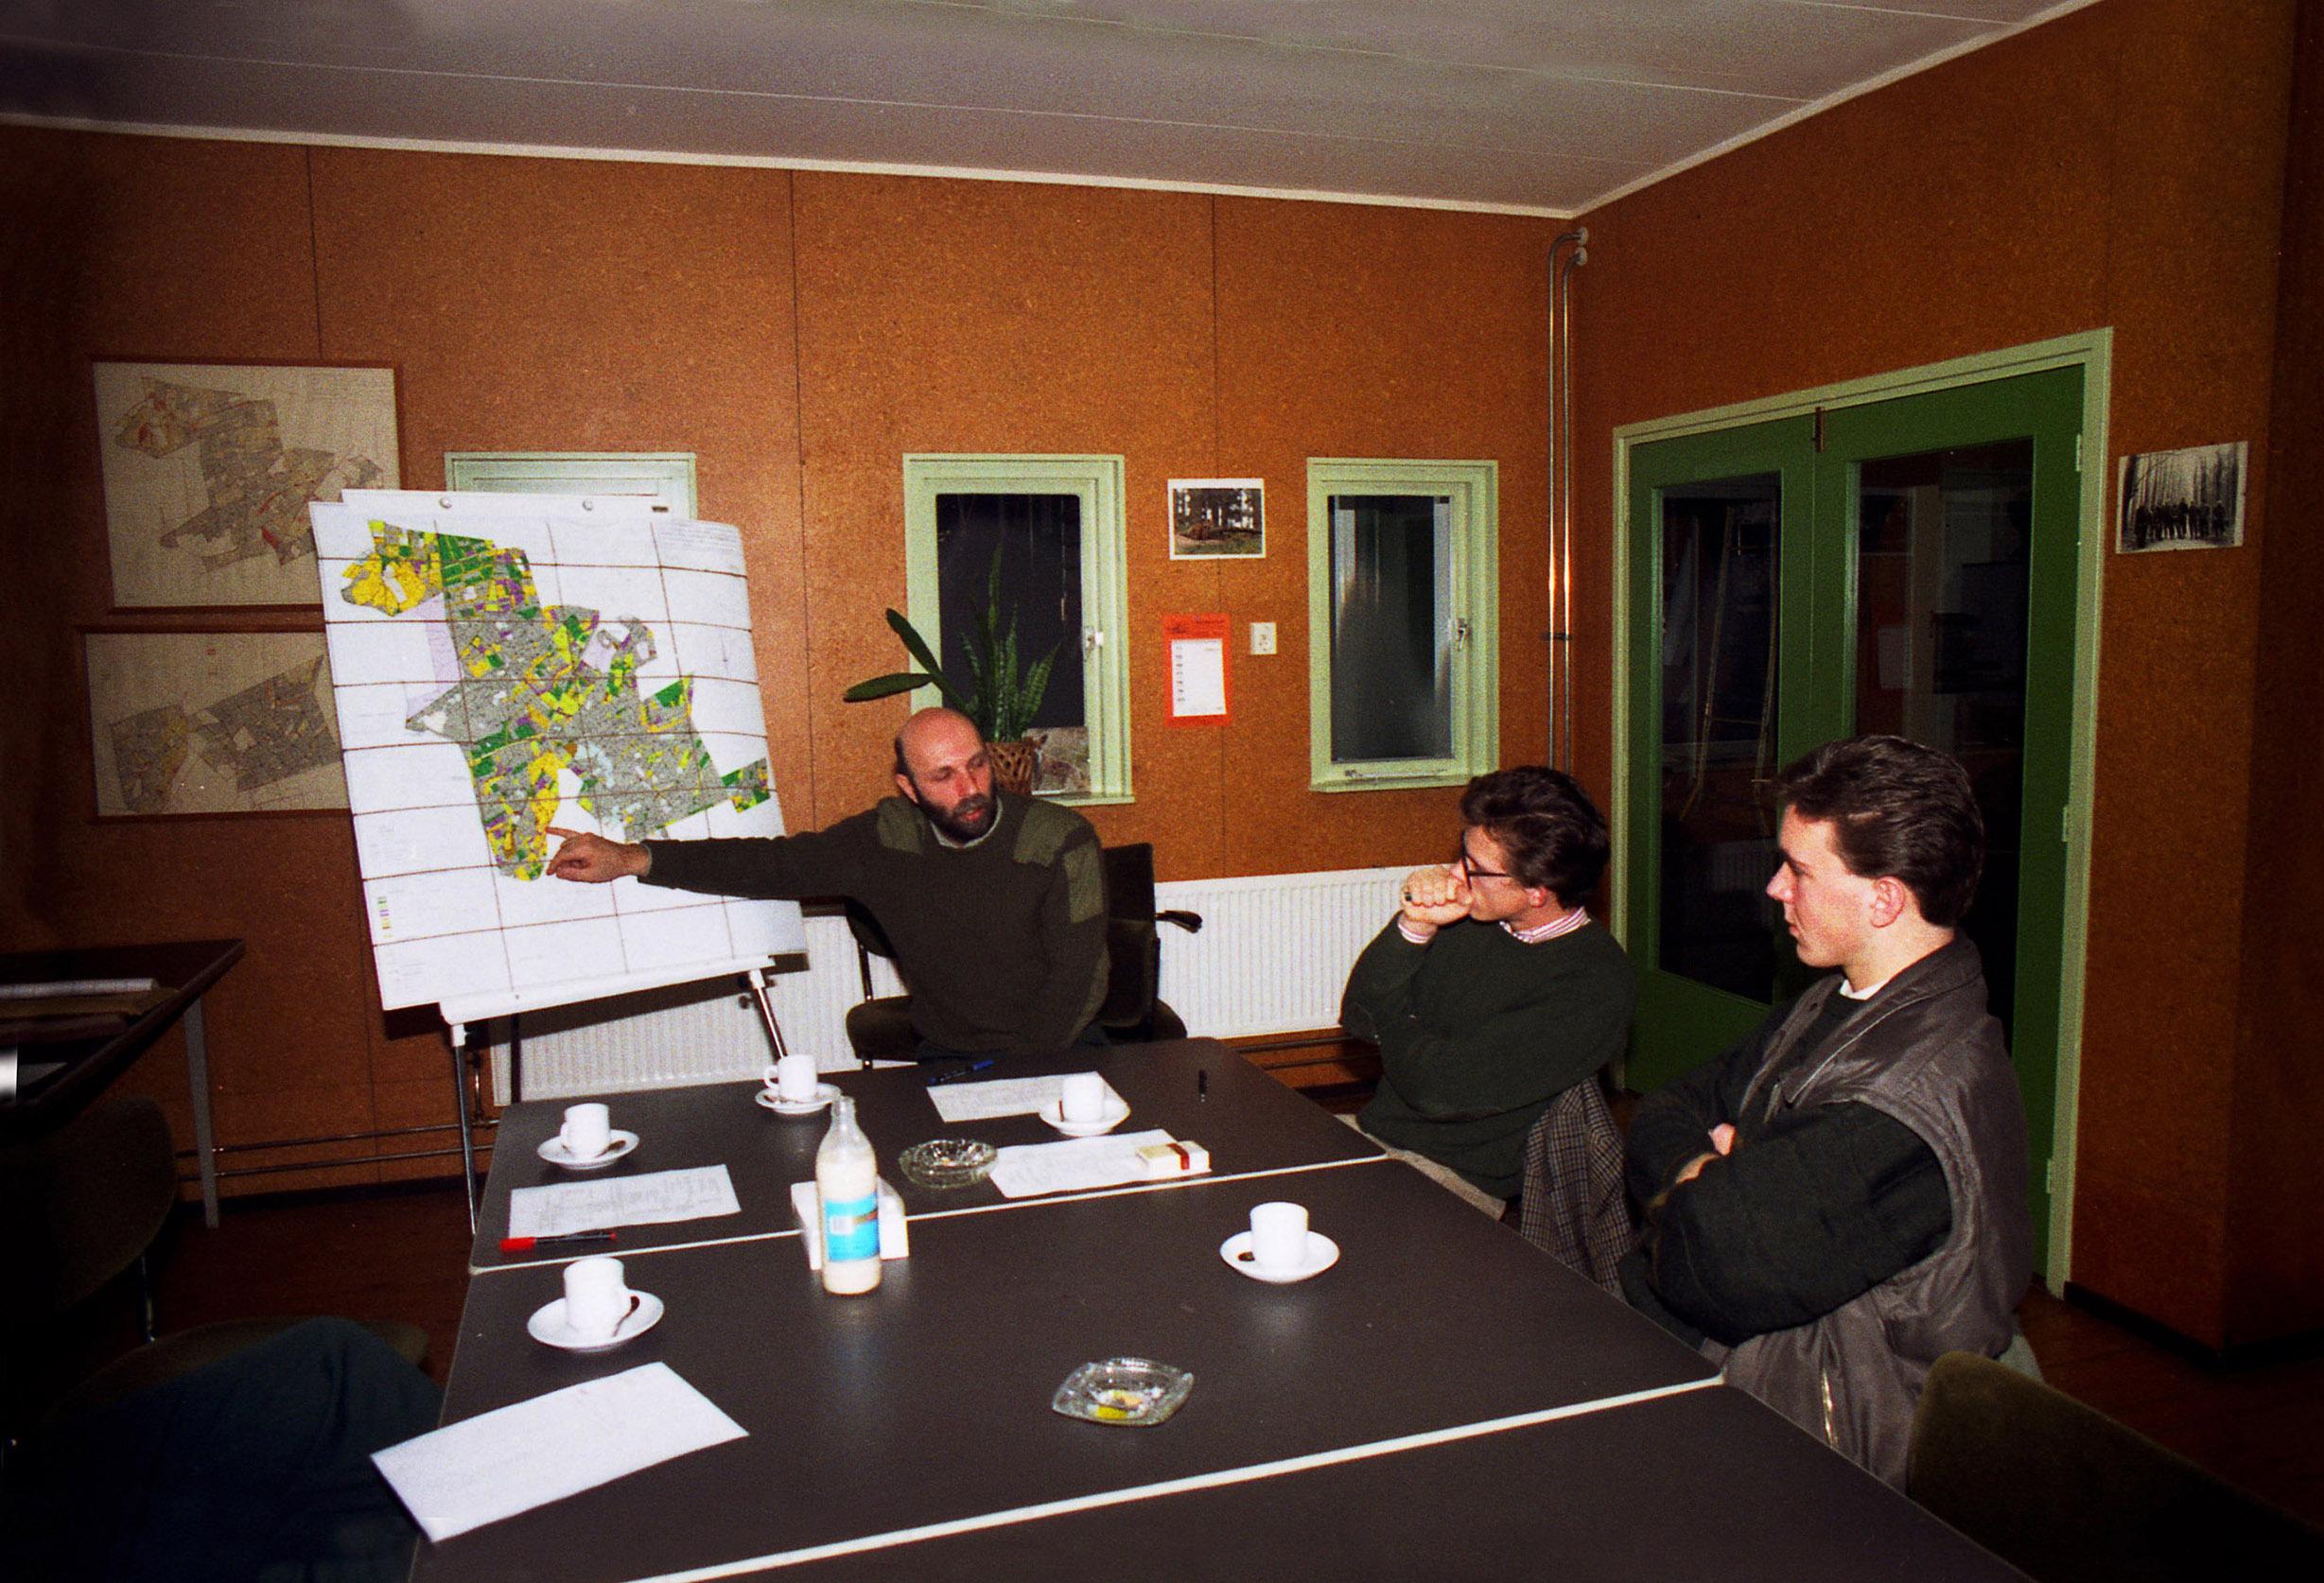 Boswachter Herman Linde geeft uitleg over zijn werkgebied - Foto: ©Louis Fraanje